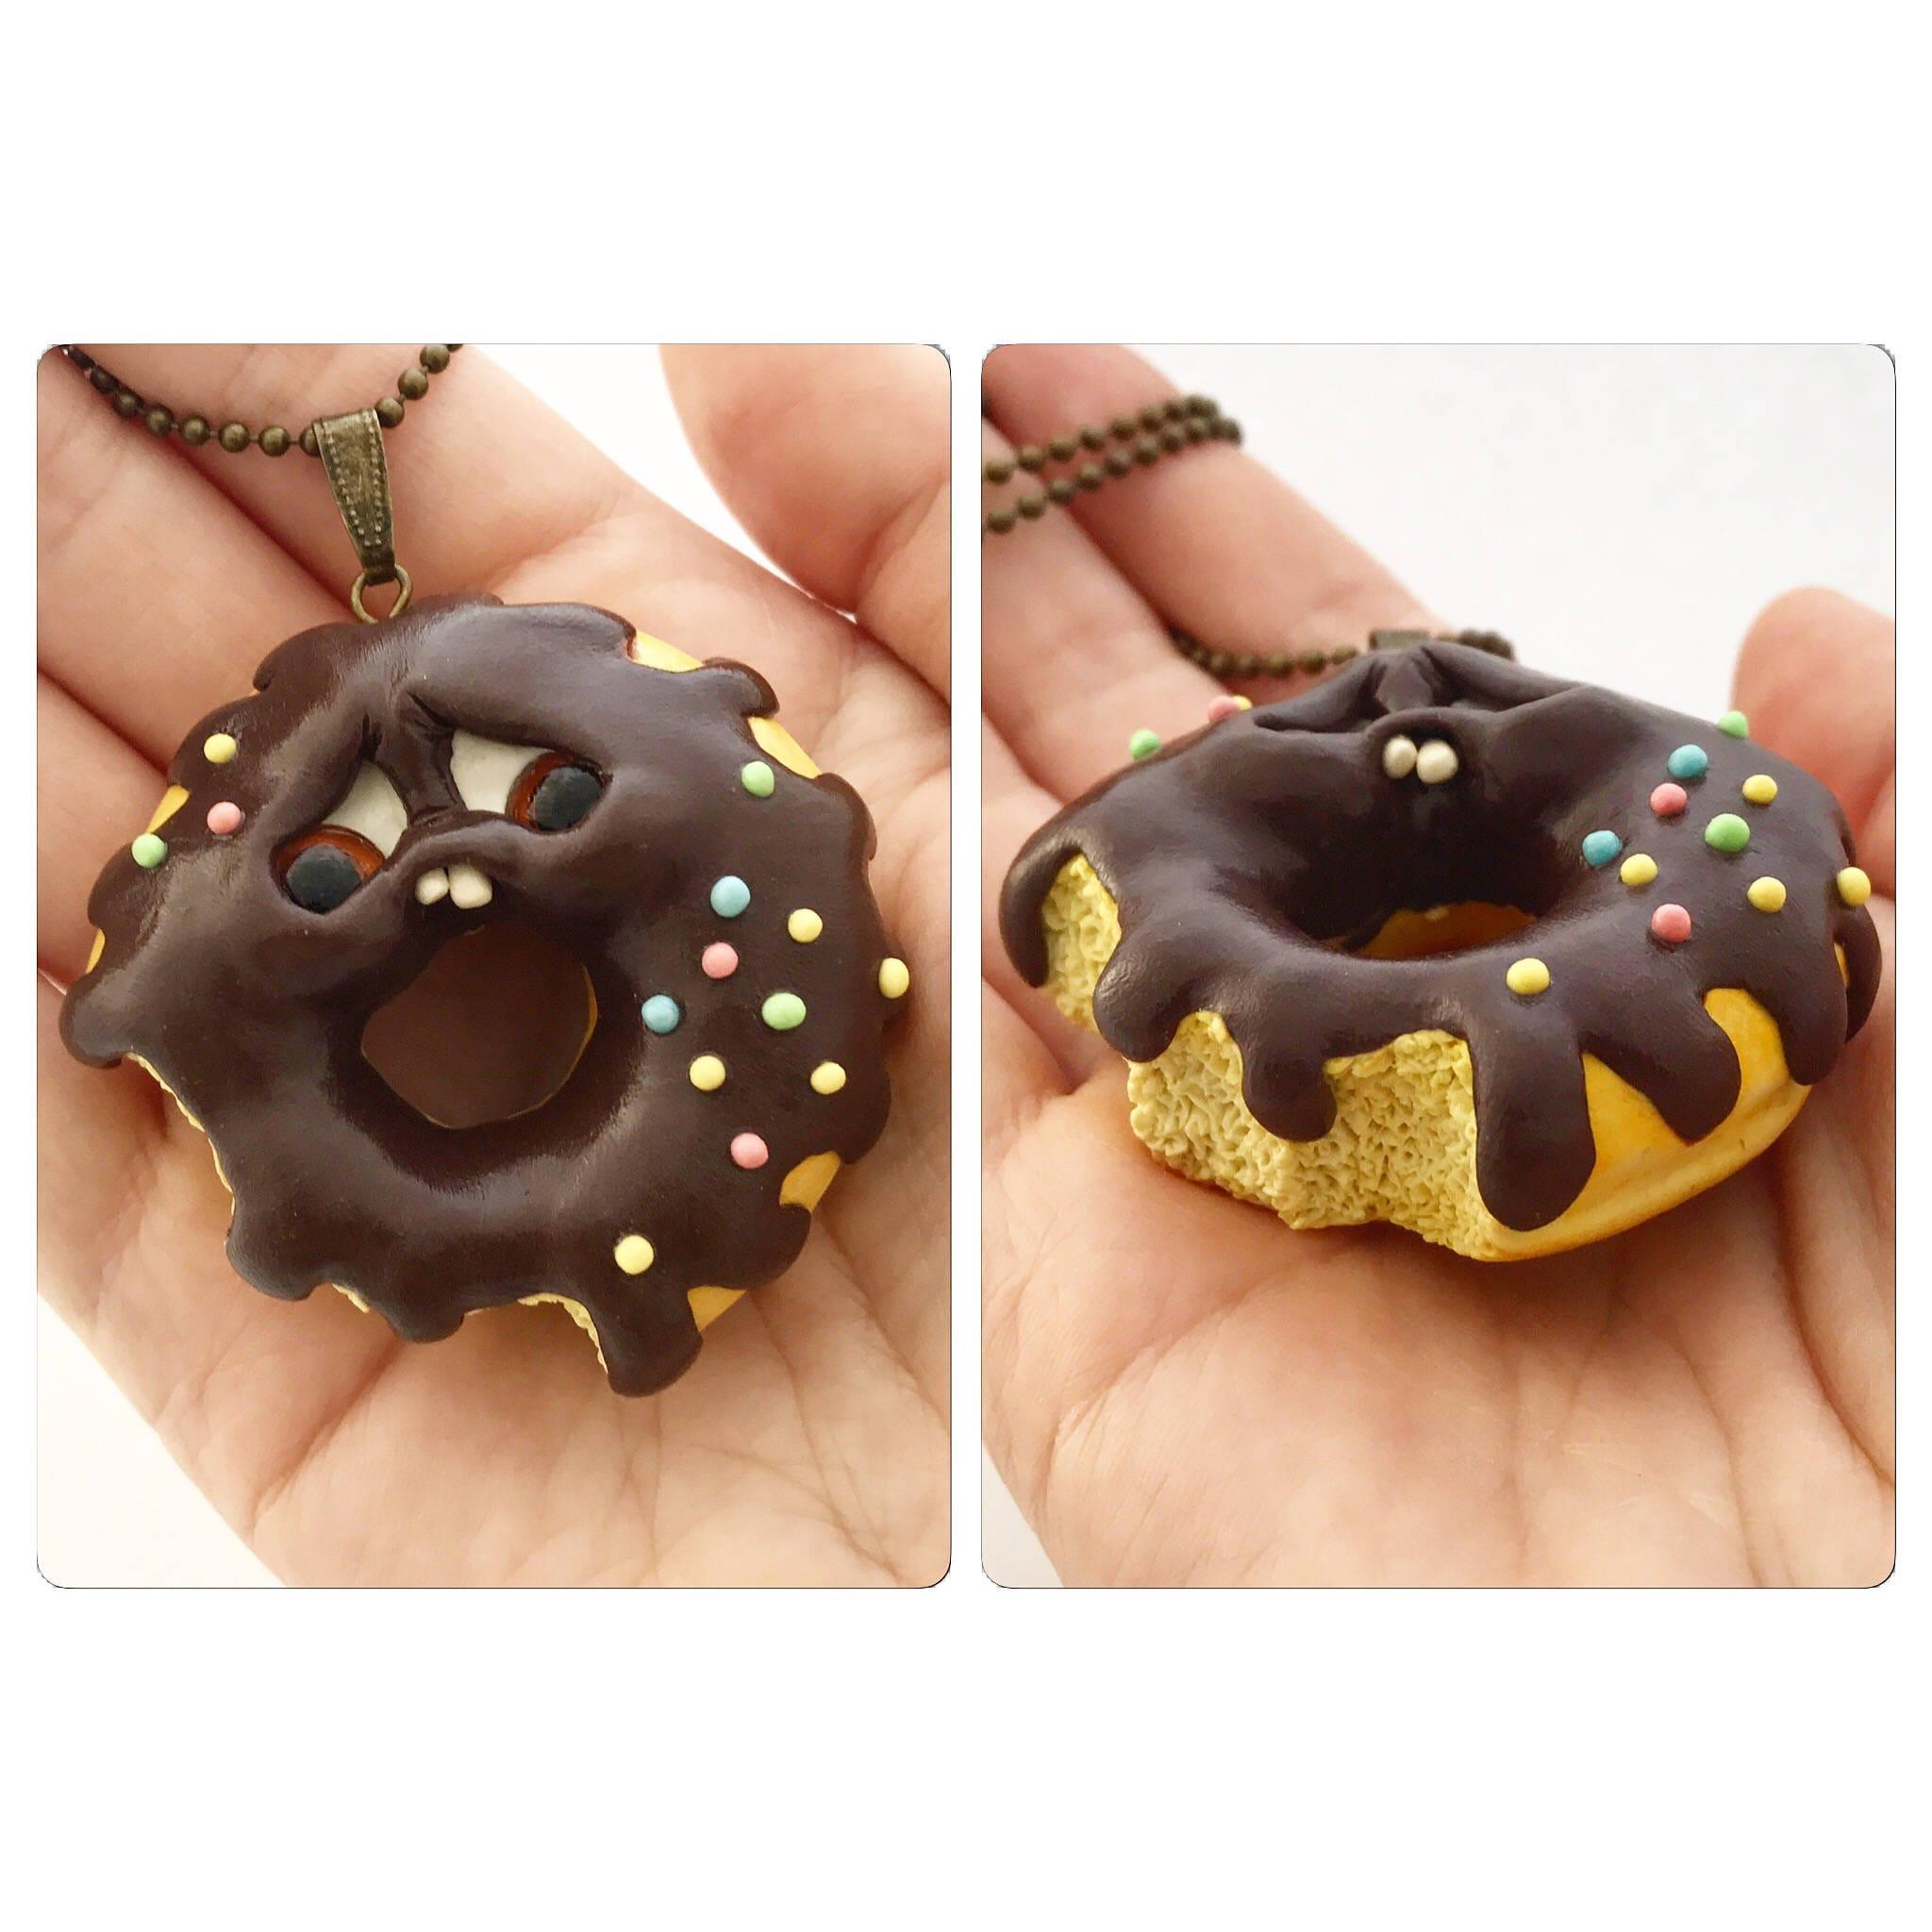 donut necklace, handmade jewelry, kawaii, kawaii charms, fimo